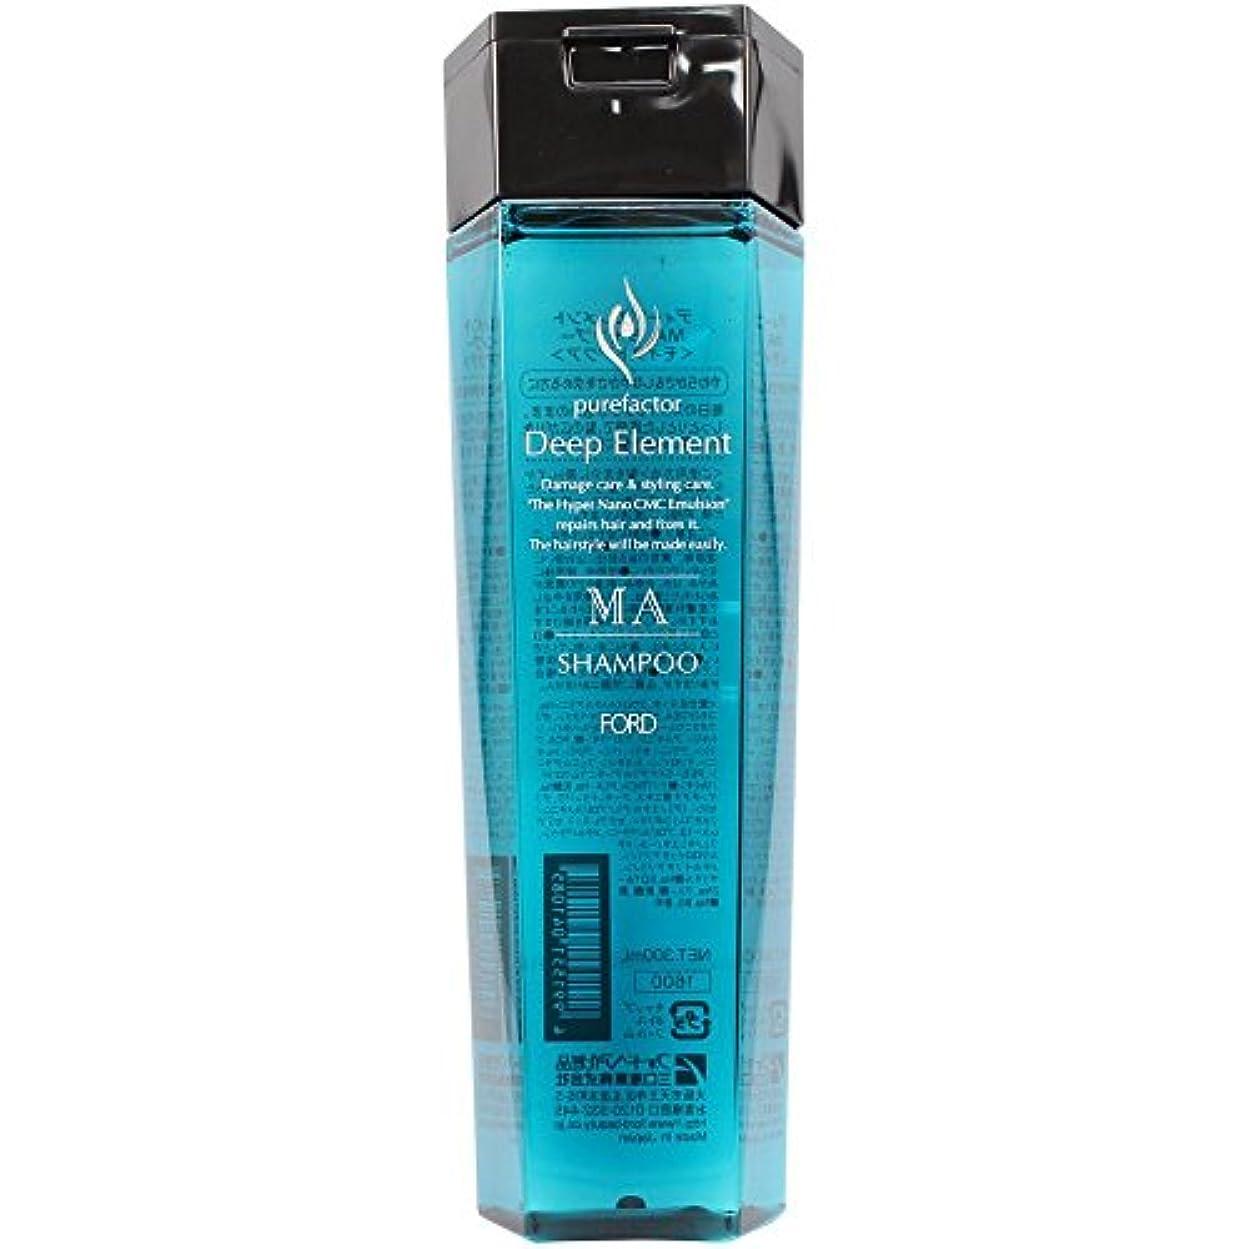 スピーカー浅いオペレーターフォードヘア化粧品 ディープエレメント MA シャンプー 300ml